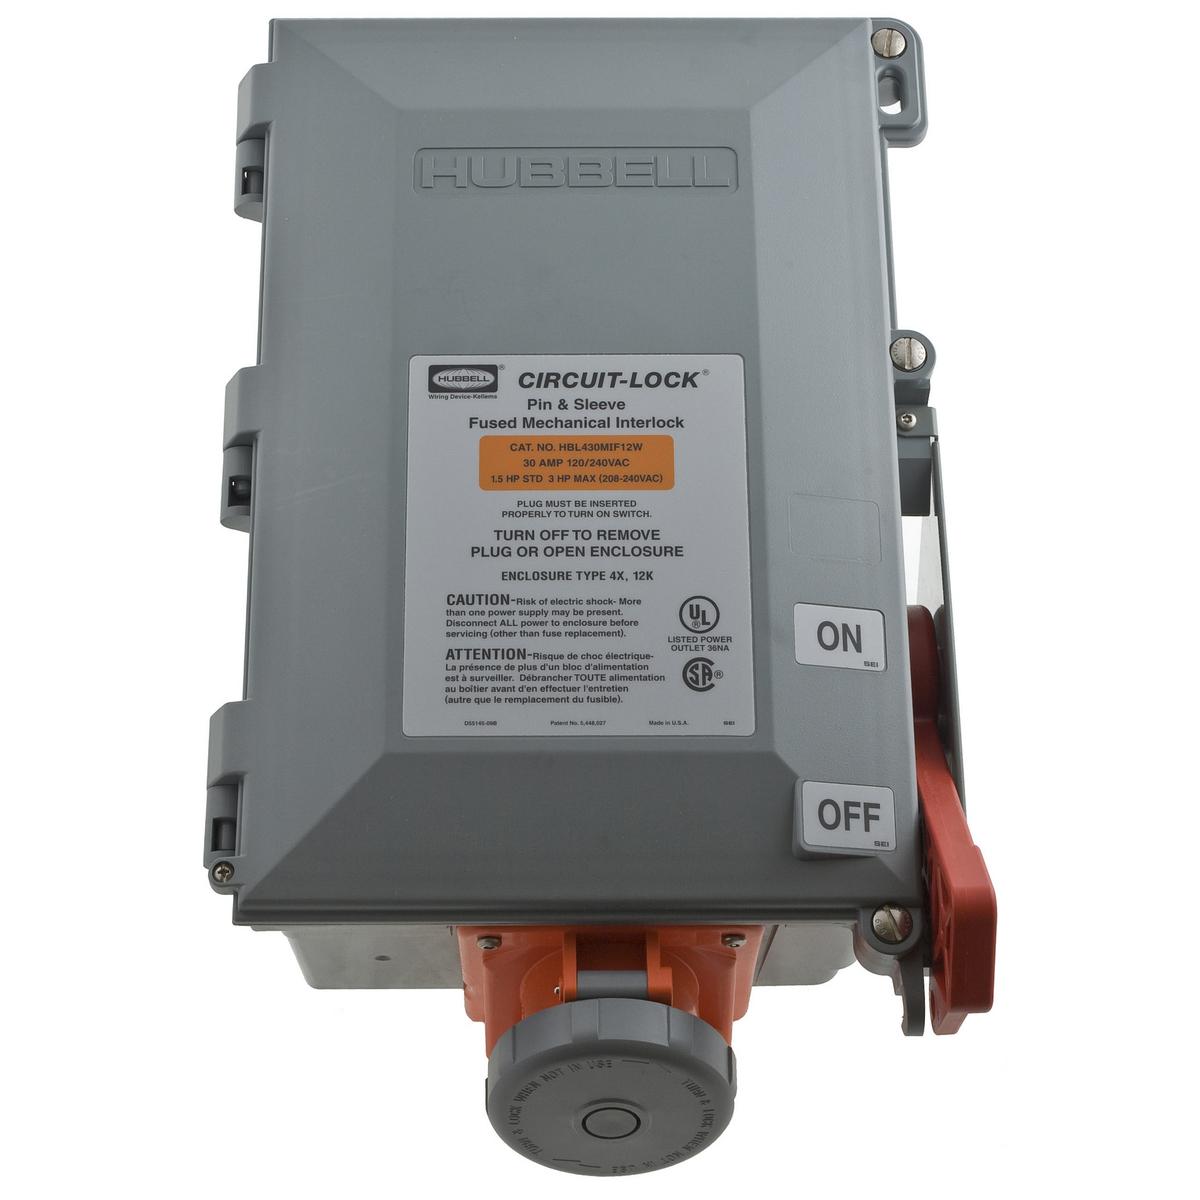 PS, IEC, MECINT, 3P4W, 60A 125/250V,FUSE